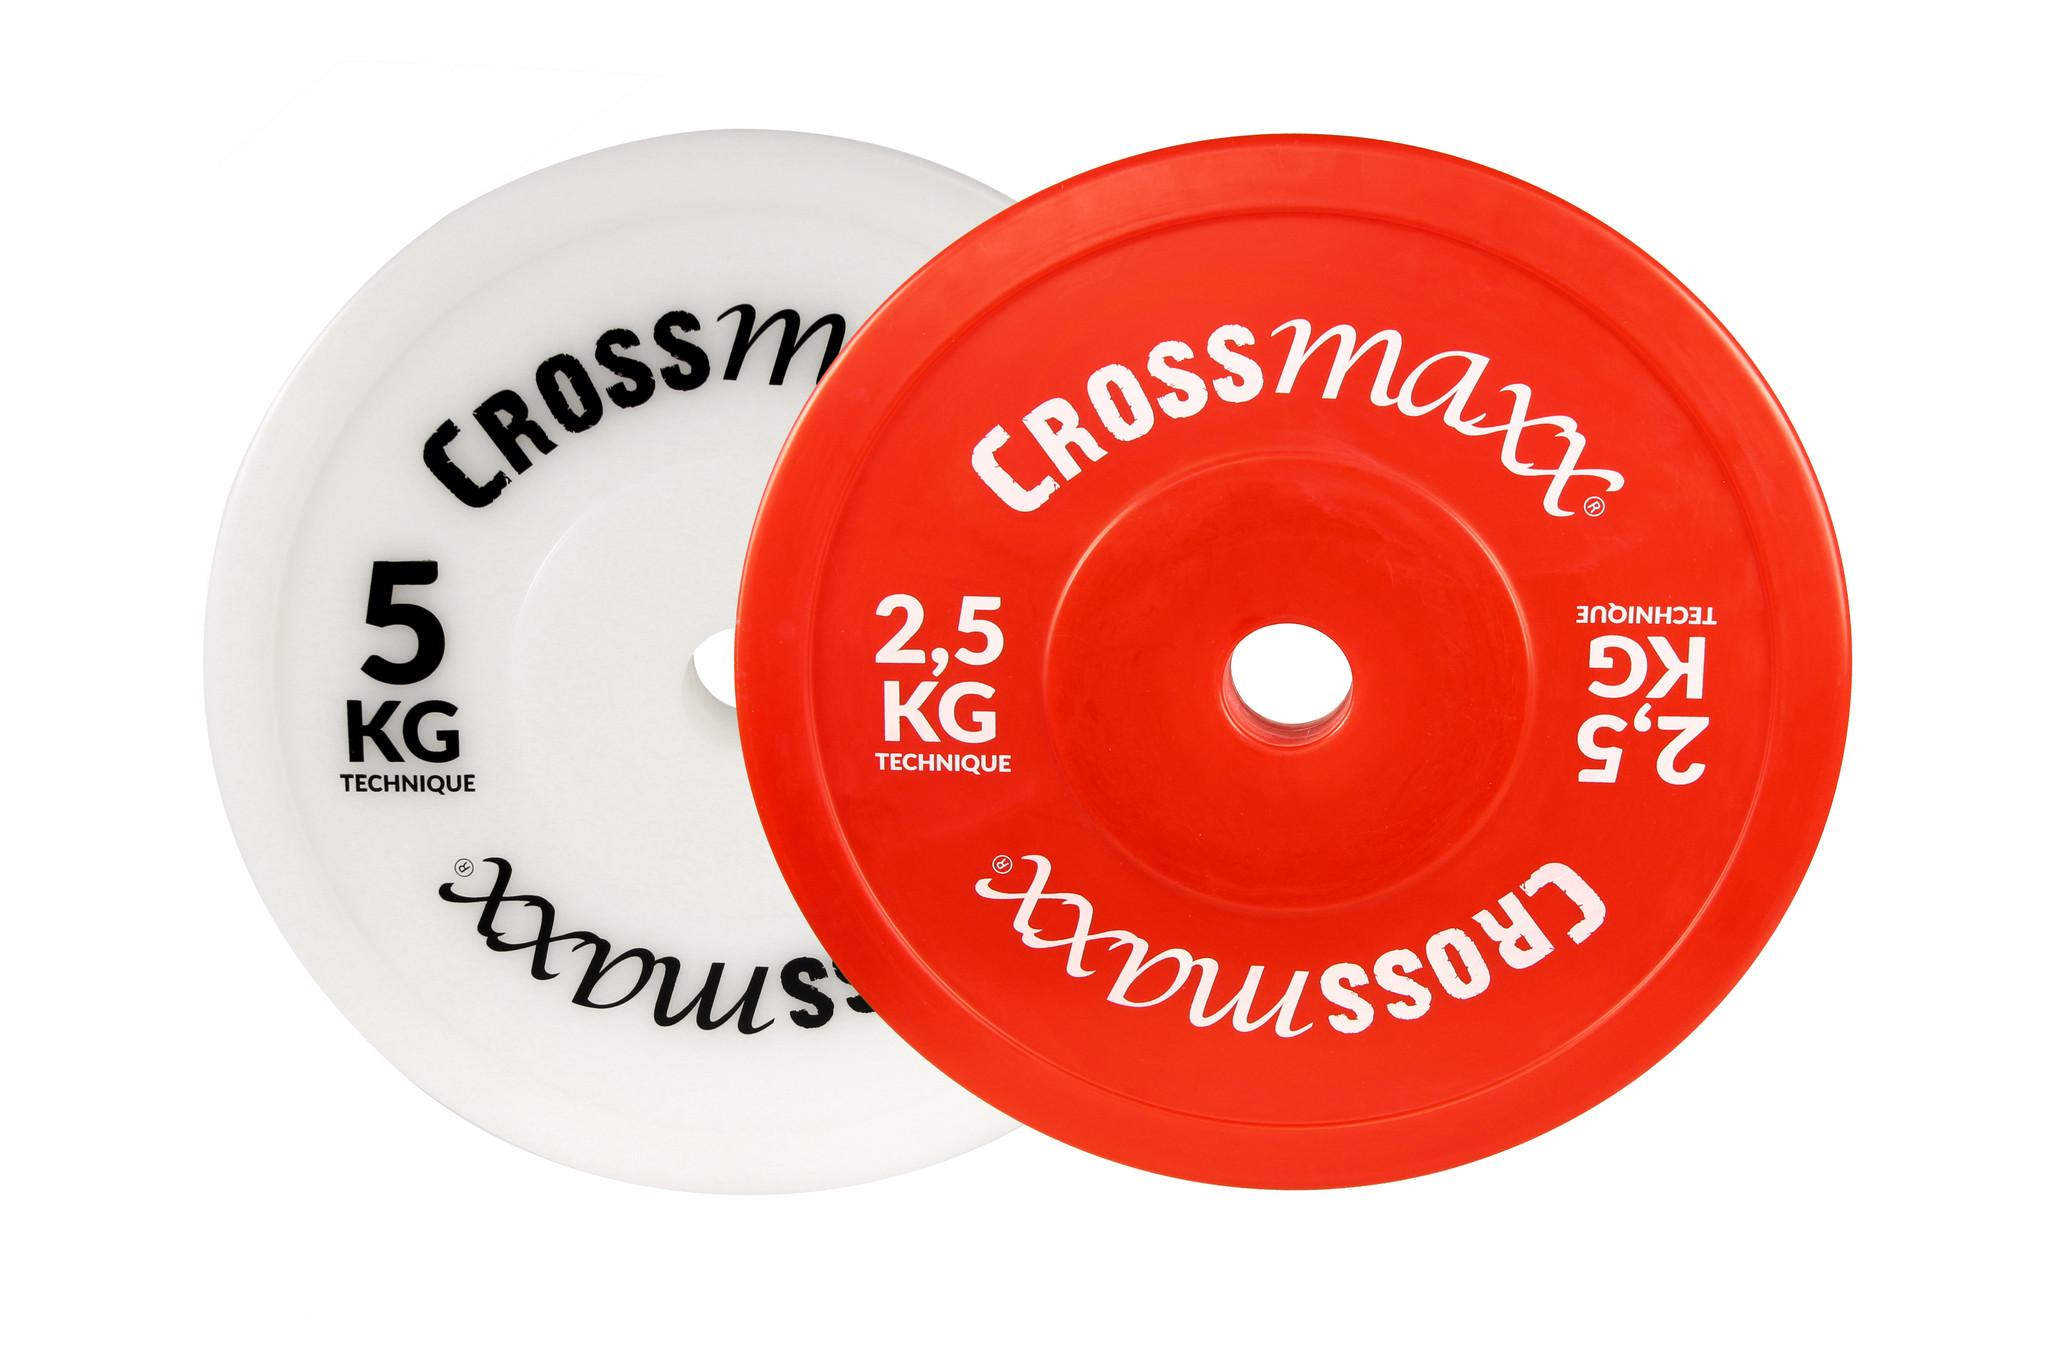 Crossmaxx® LMX96 Crossmaxx® Hollow Technique plate 50mm (2,5 - 5kg)